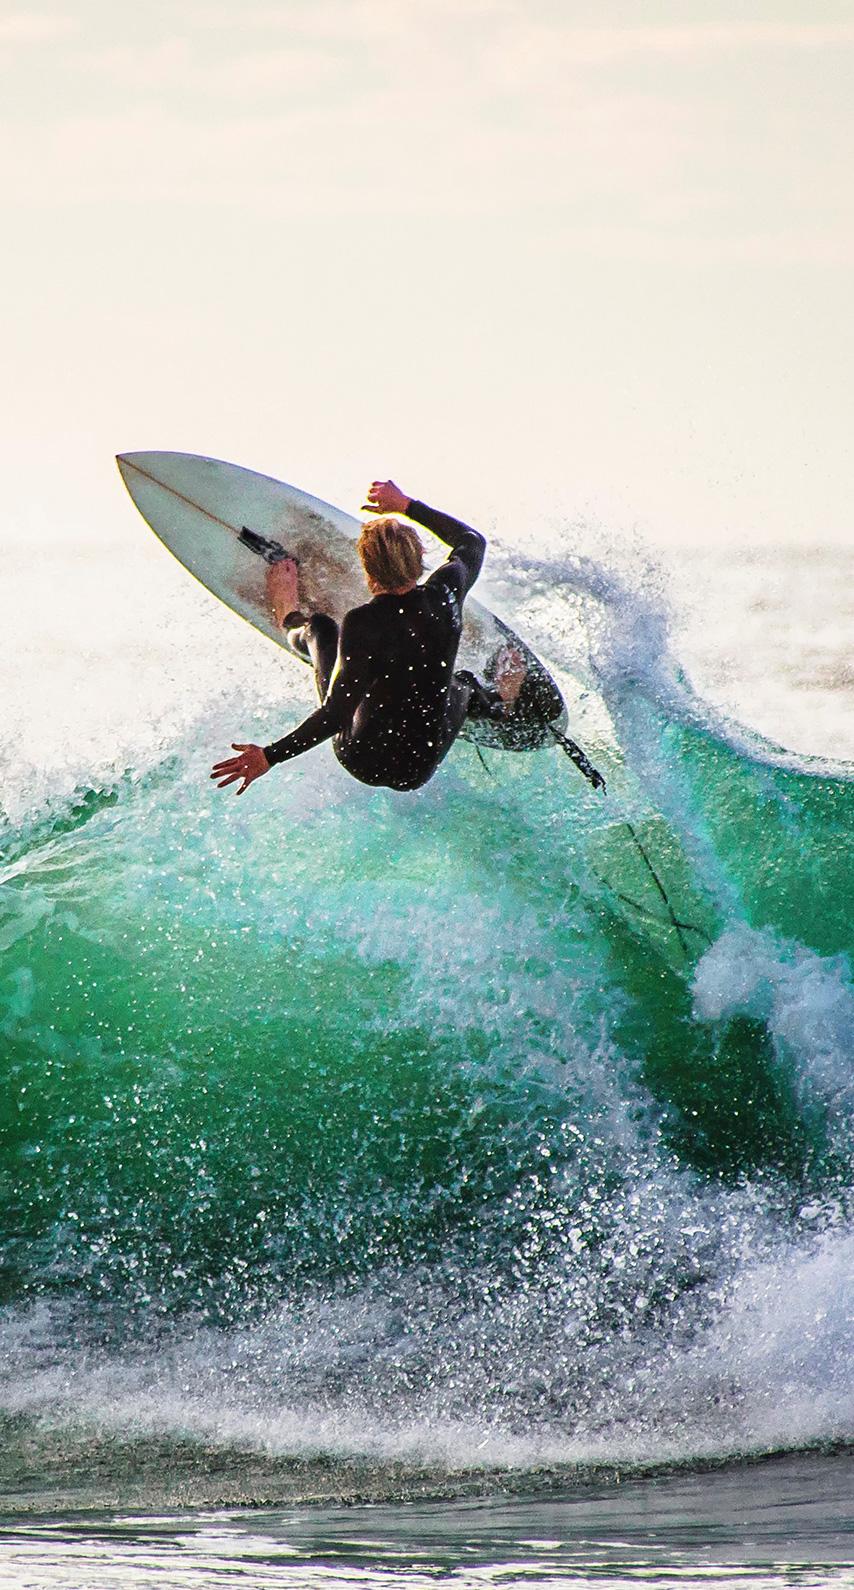 waves, surfer